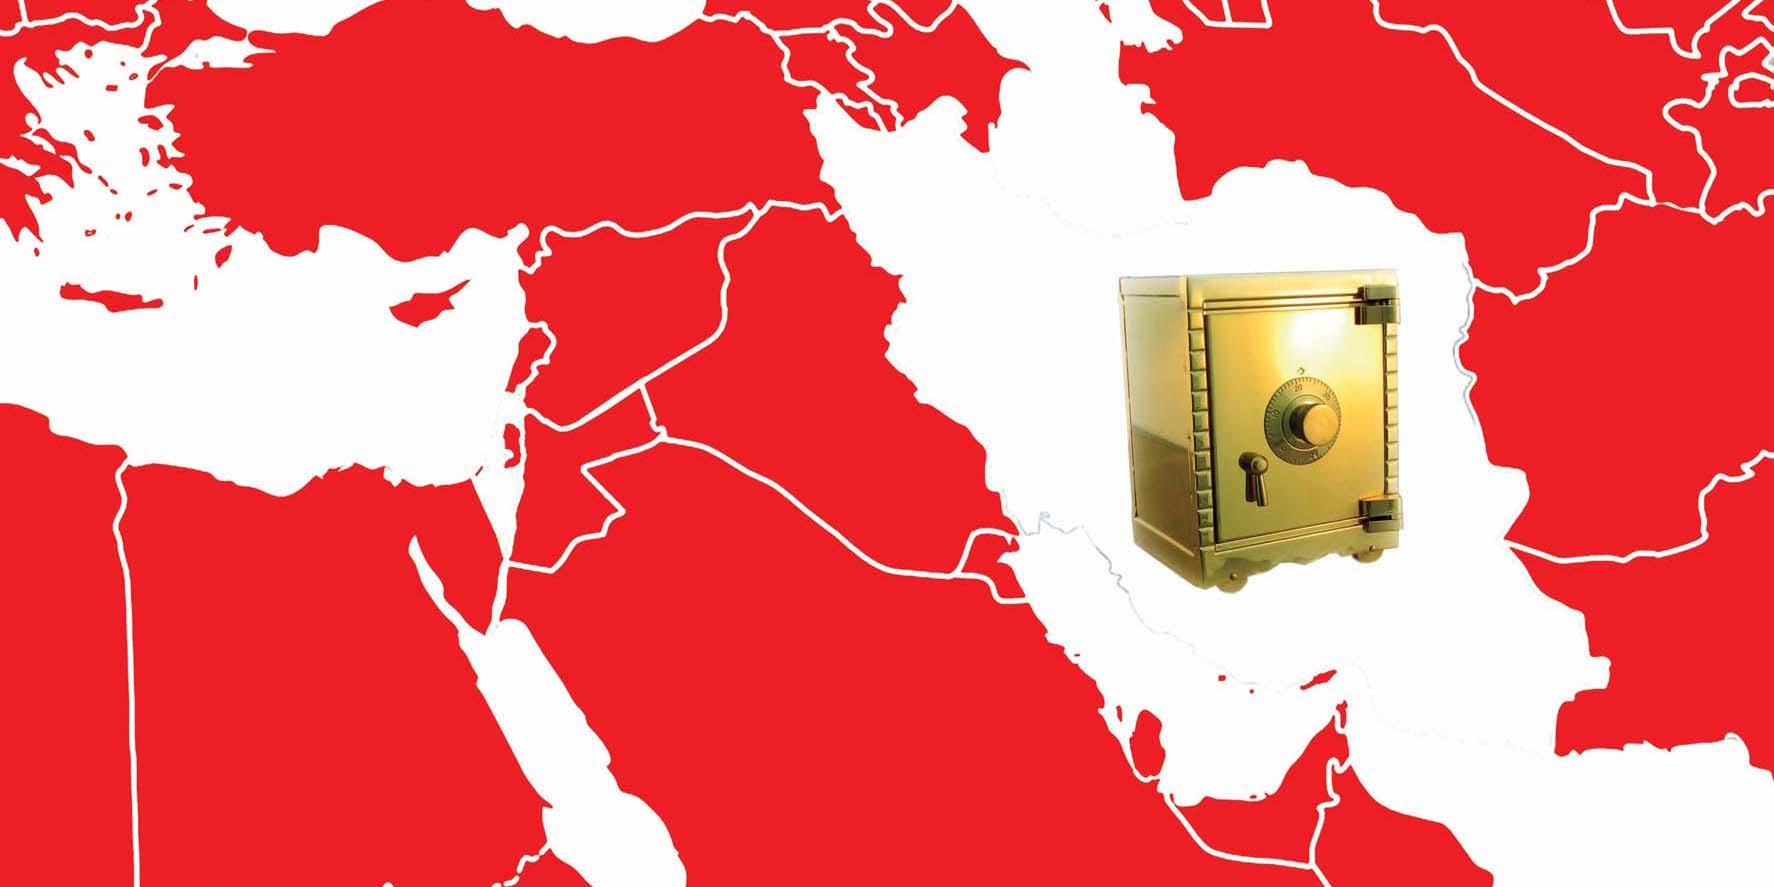 کاهش رشد اقتصاد ایران به ۴درصد در پیشبینی تازه بانک جهانی